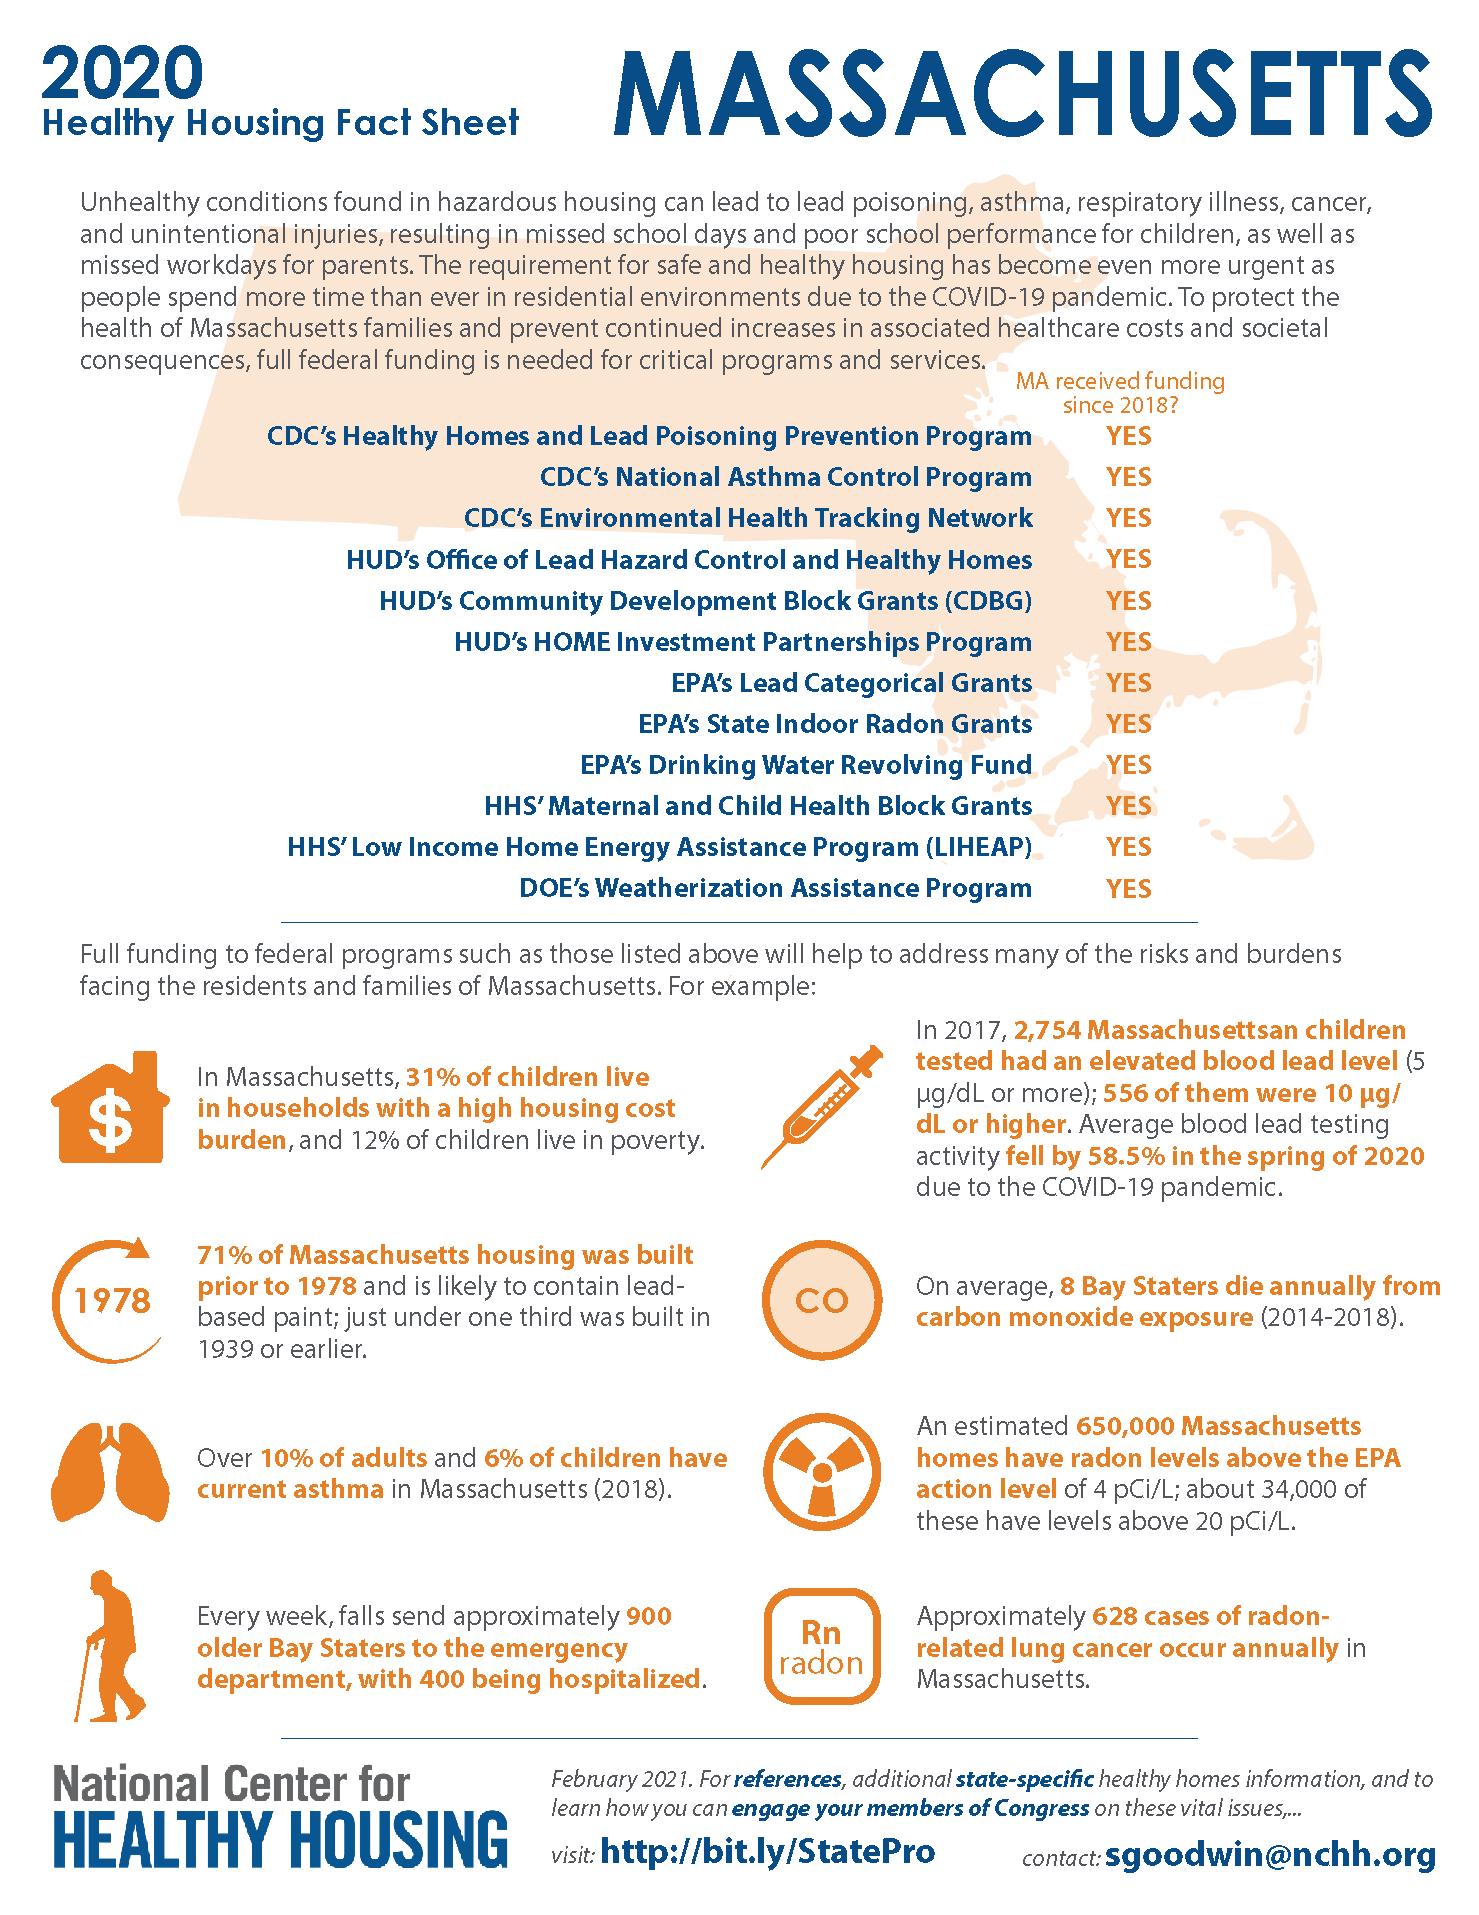 Healthy Housing Fact Sheet - Massachusetts 2020